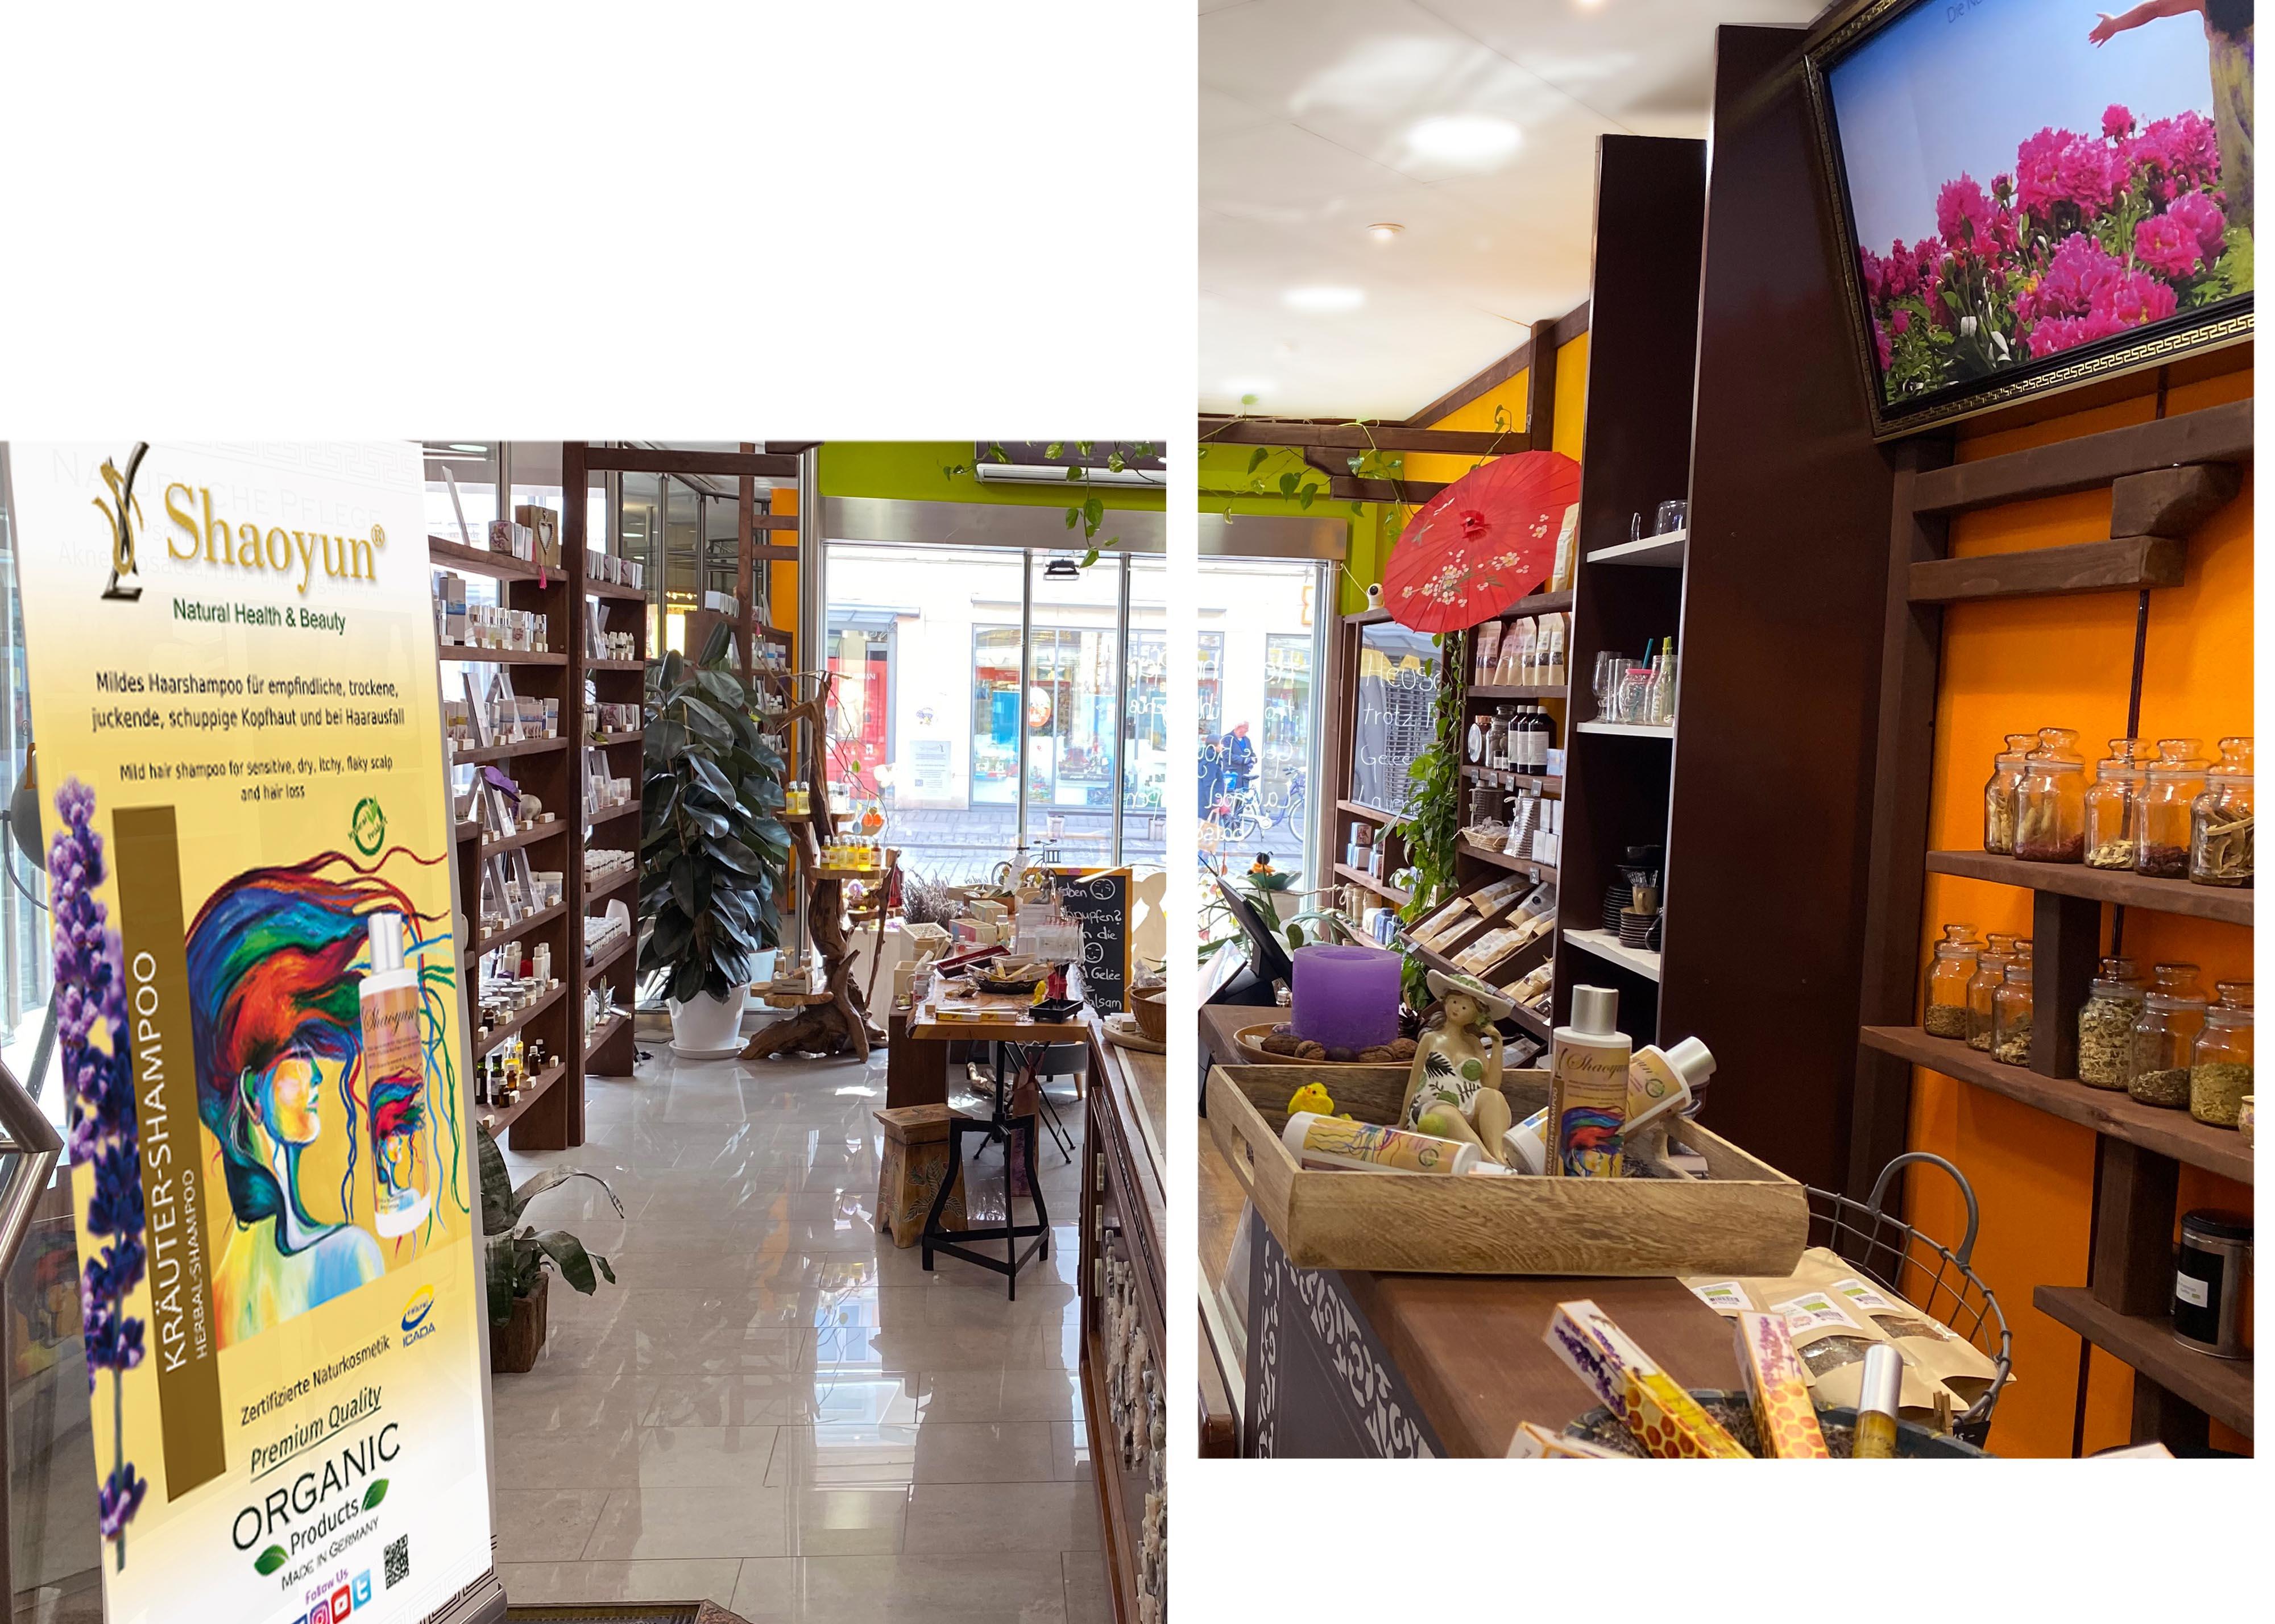 Shaoyun Natur und Bio Lounge